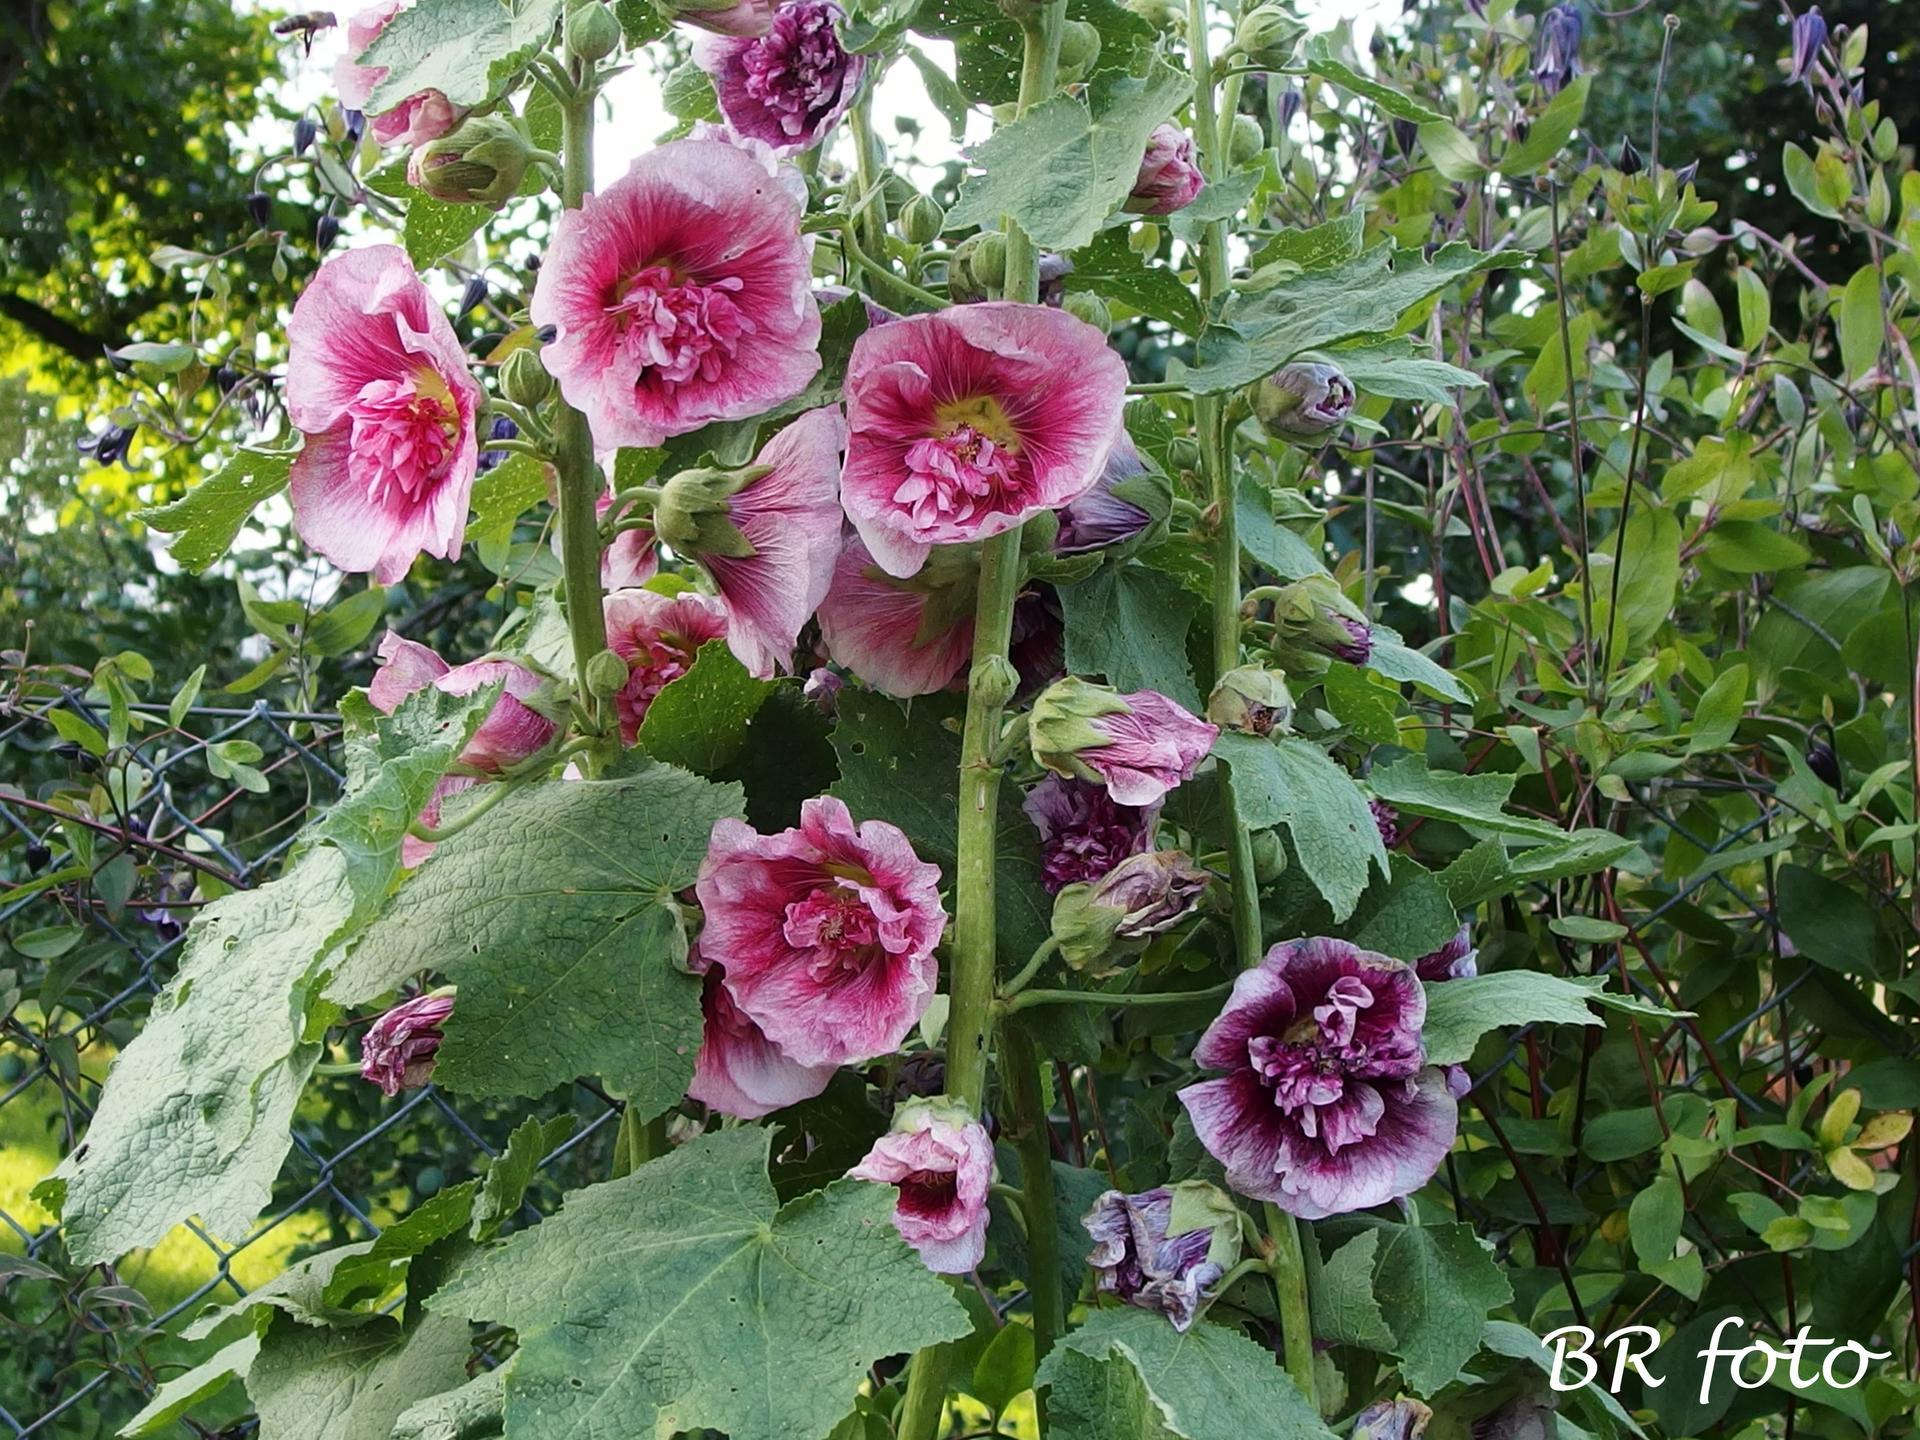 Zahrada v létě - proskurník topolovka nebo také slézová růže